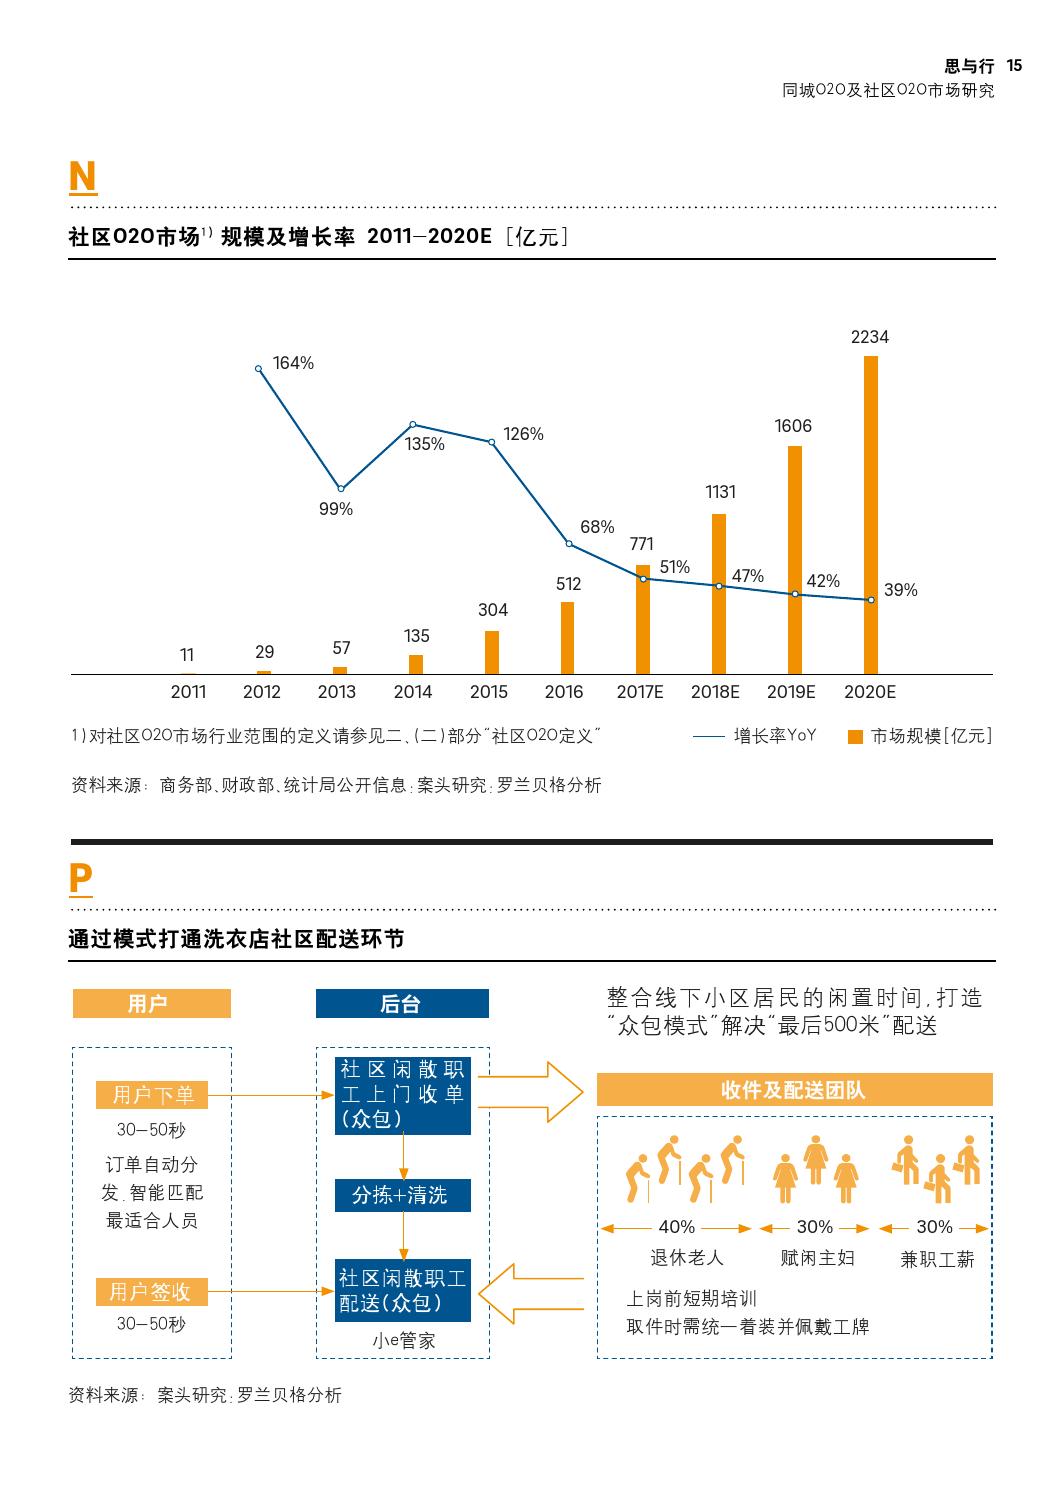 同城O2O及社区O2O市场研究_000015